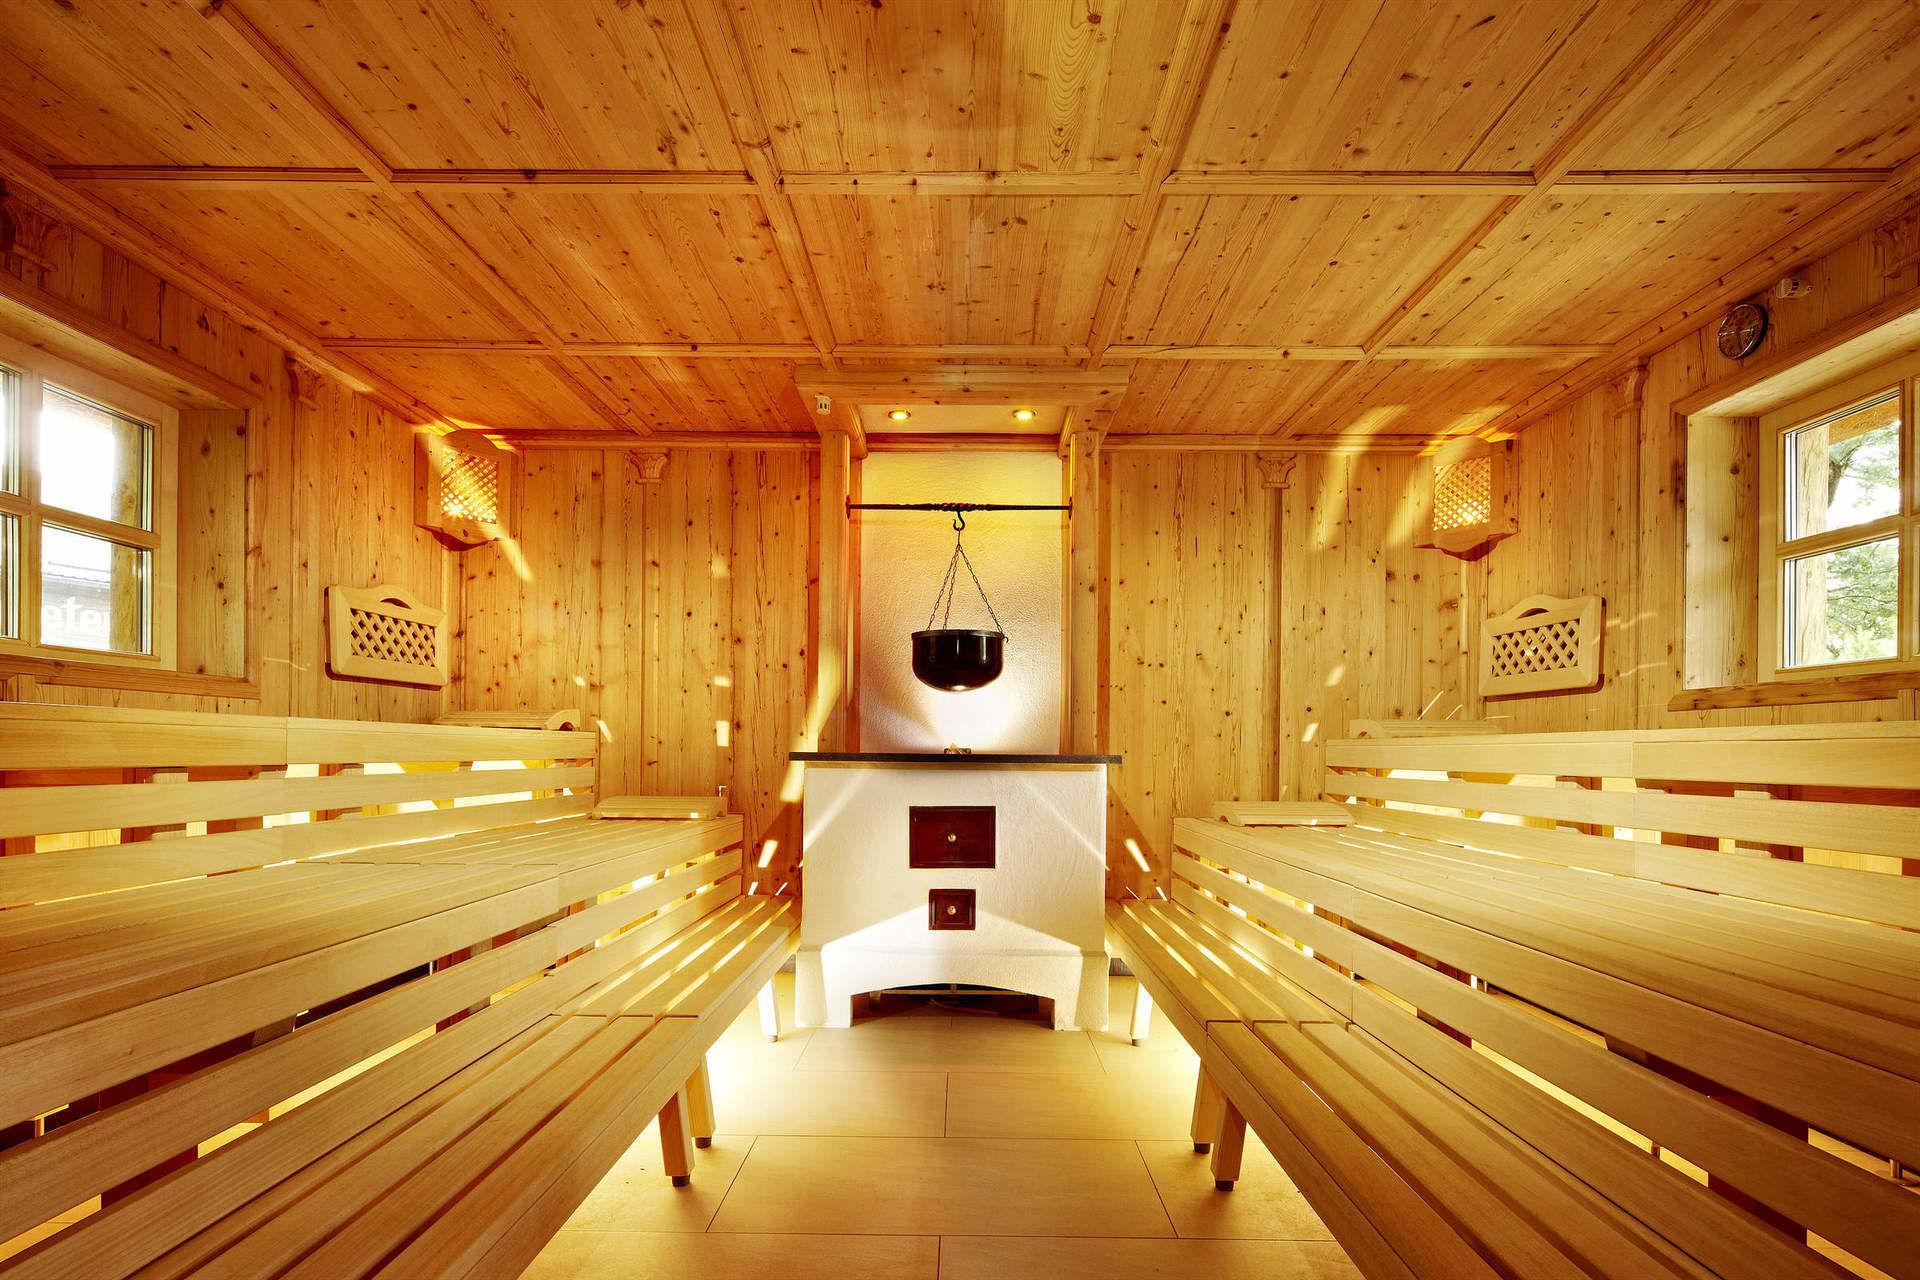 wellnessurlaub bayerischer wald wellnesshotel bodenmais 4 sterne hotel bayern wellness urlaub. Black Bedroom Furniture Sets. Home Design Ideas